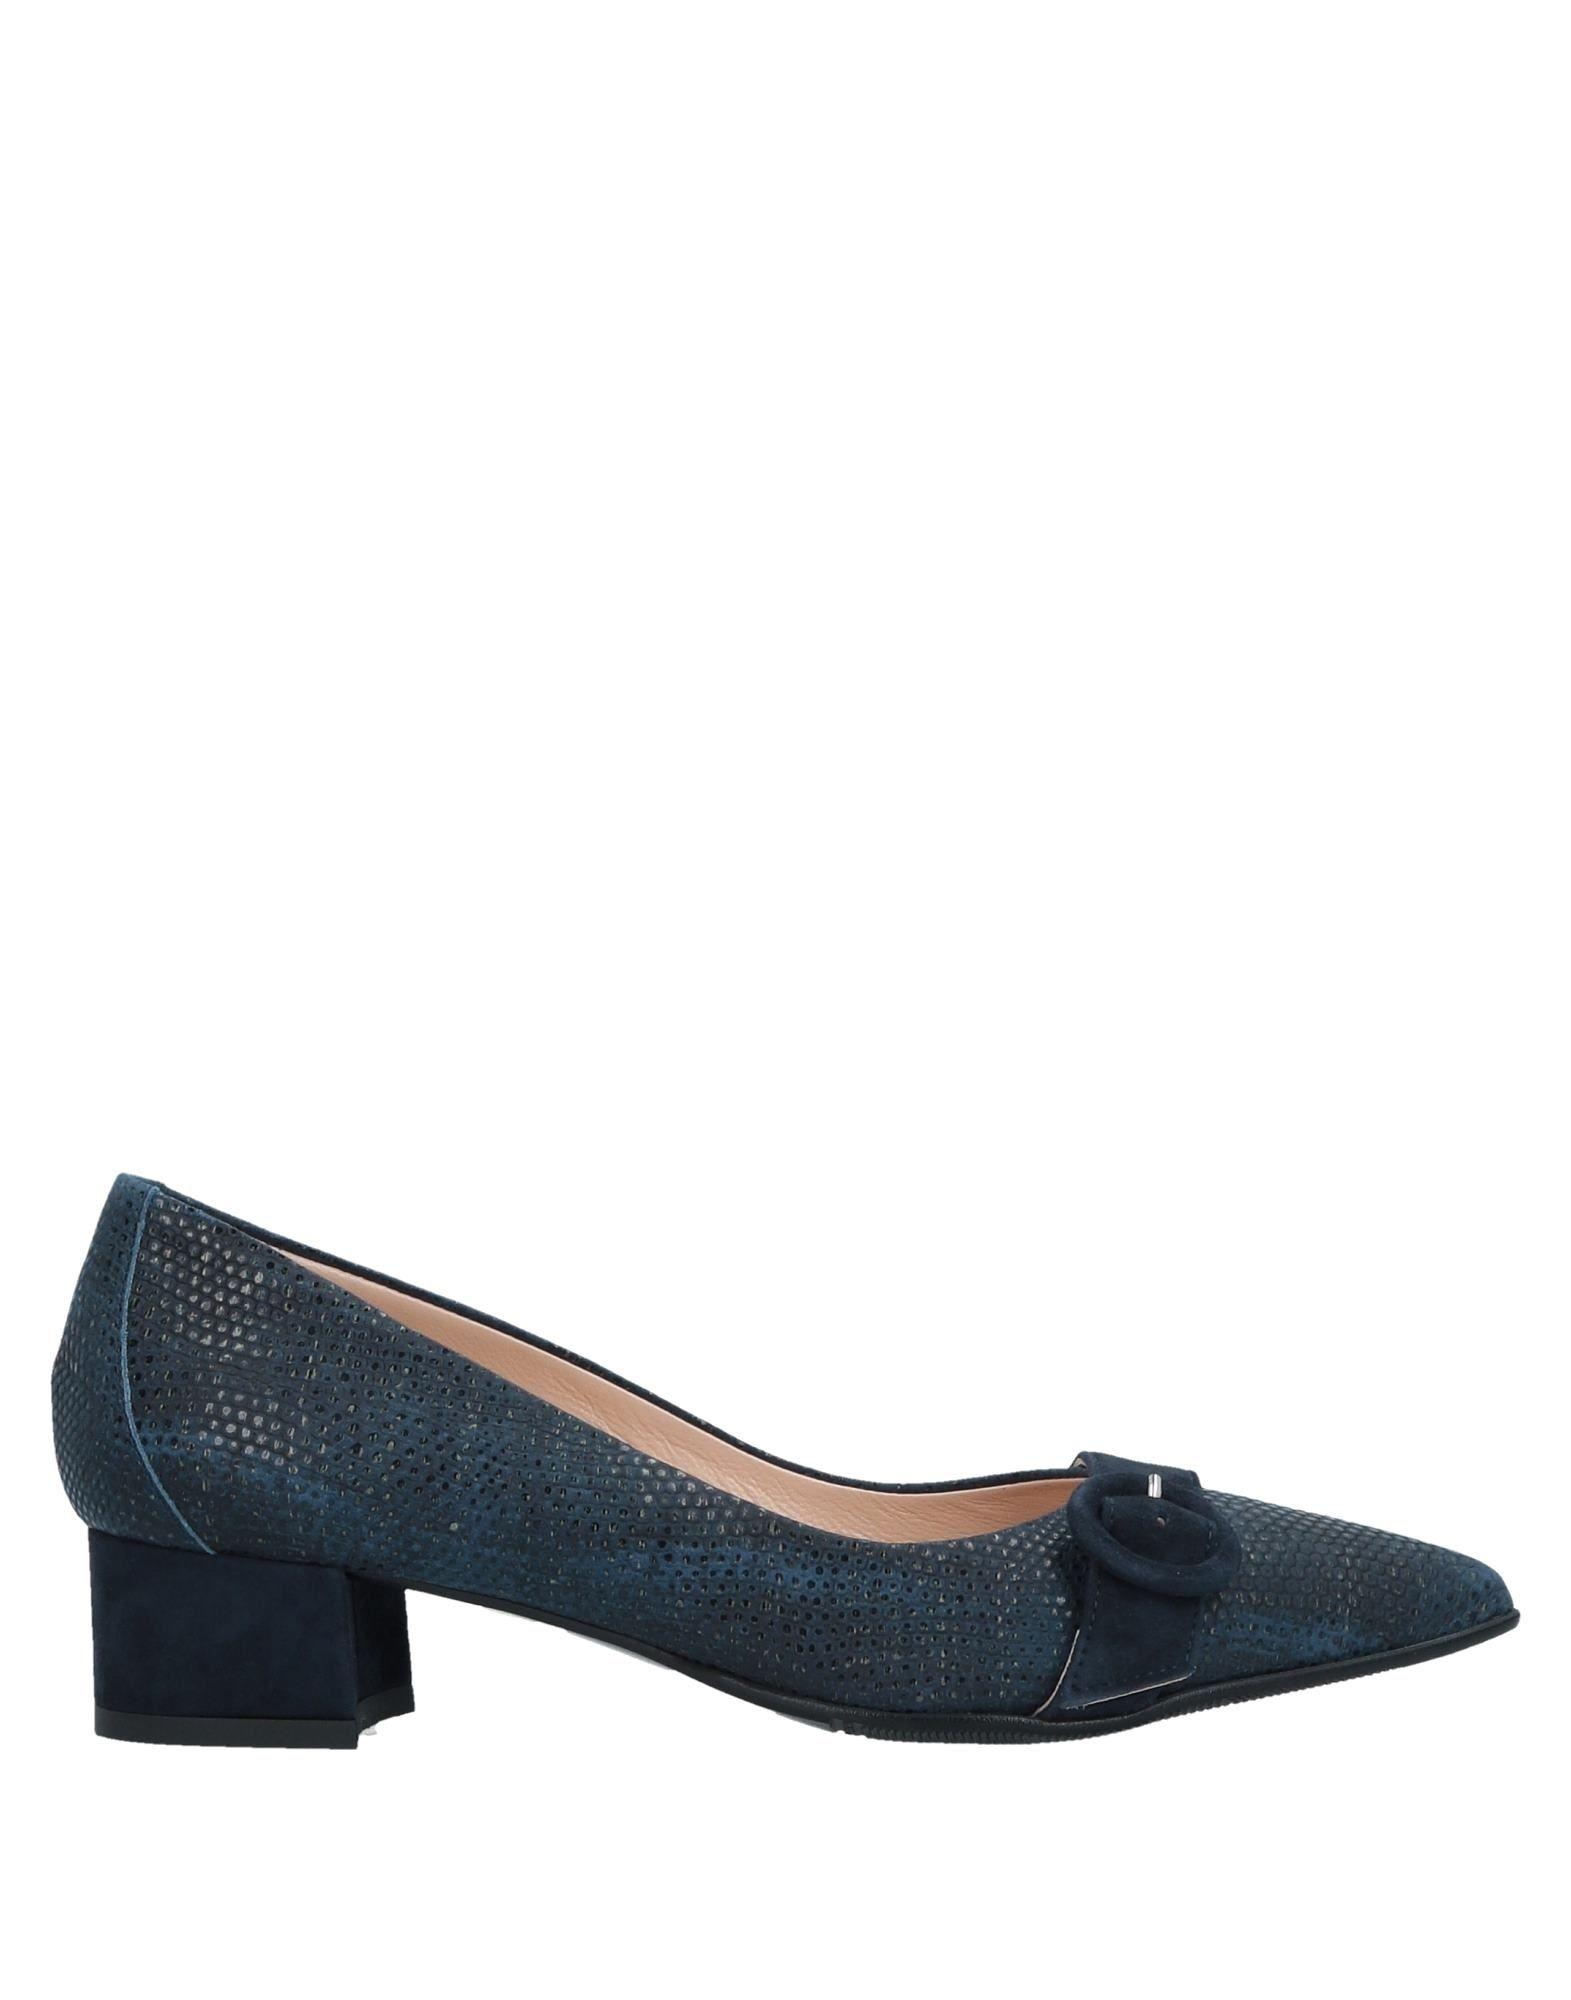 F.Lli Bruglia Pumps Damen  11520431WFGut aussehende strapazierfähige Schuhe